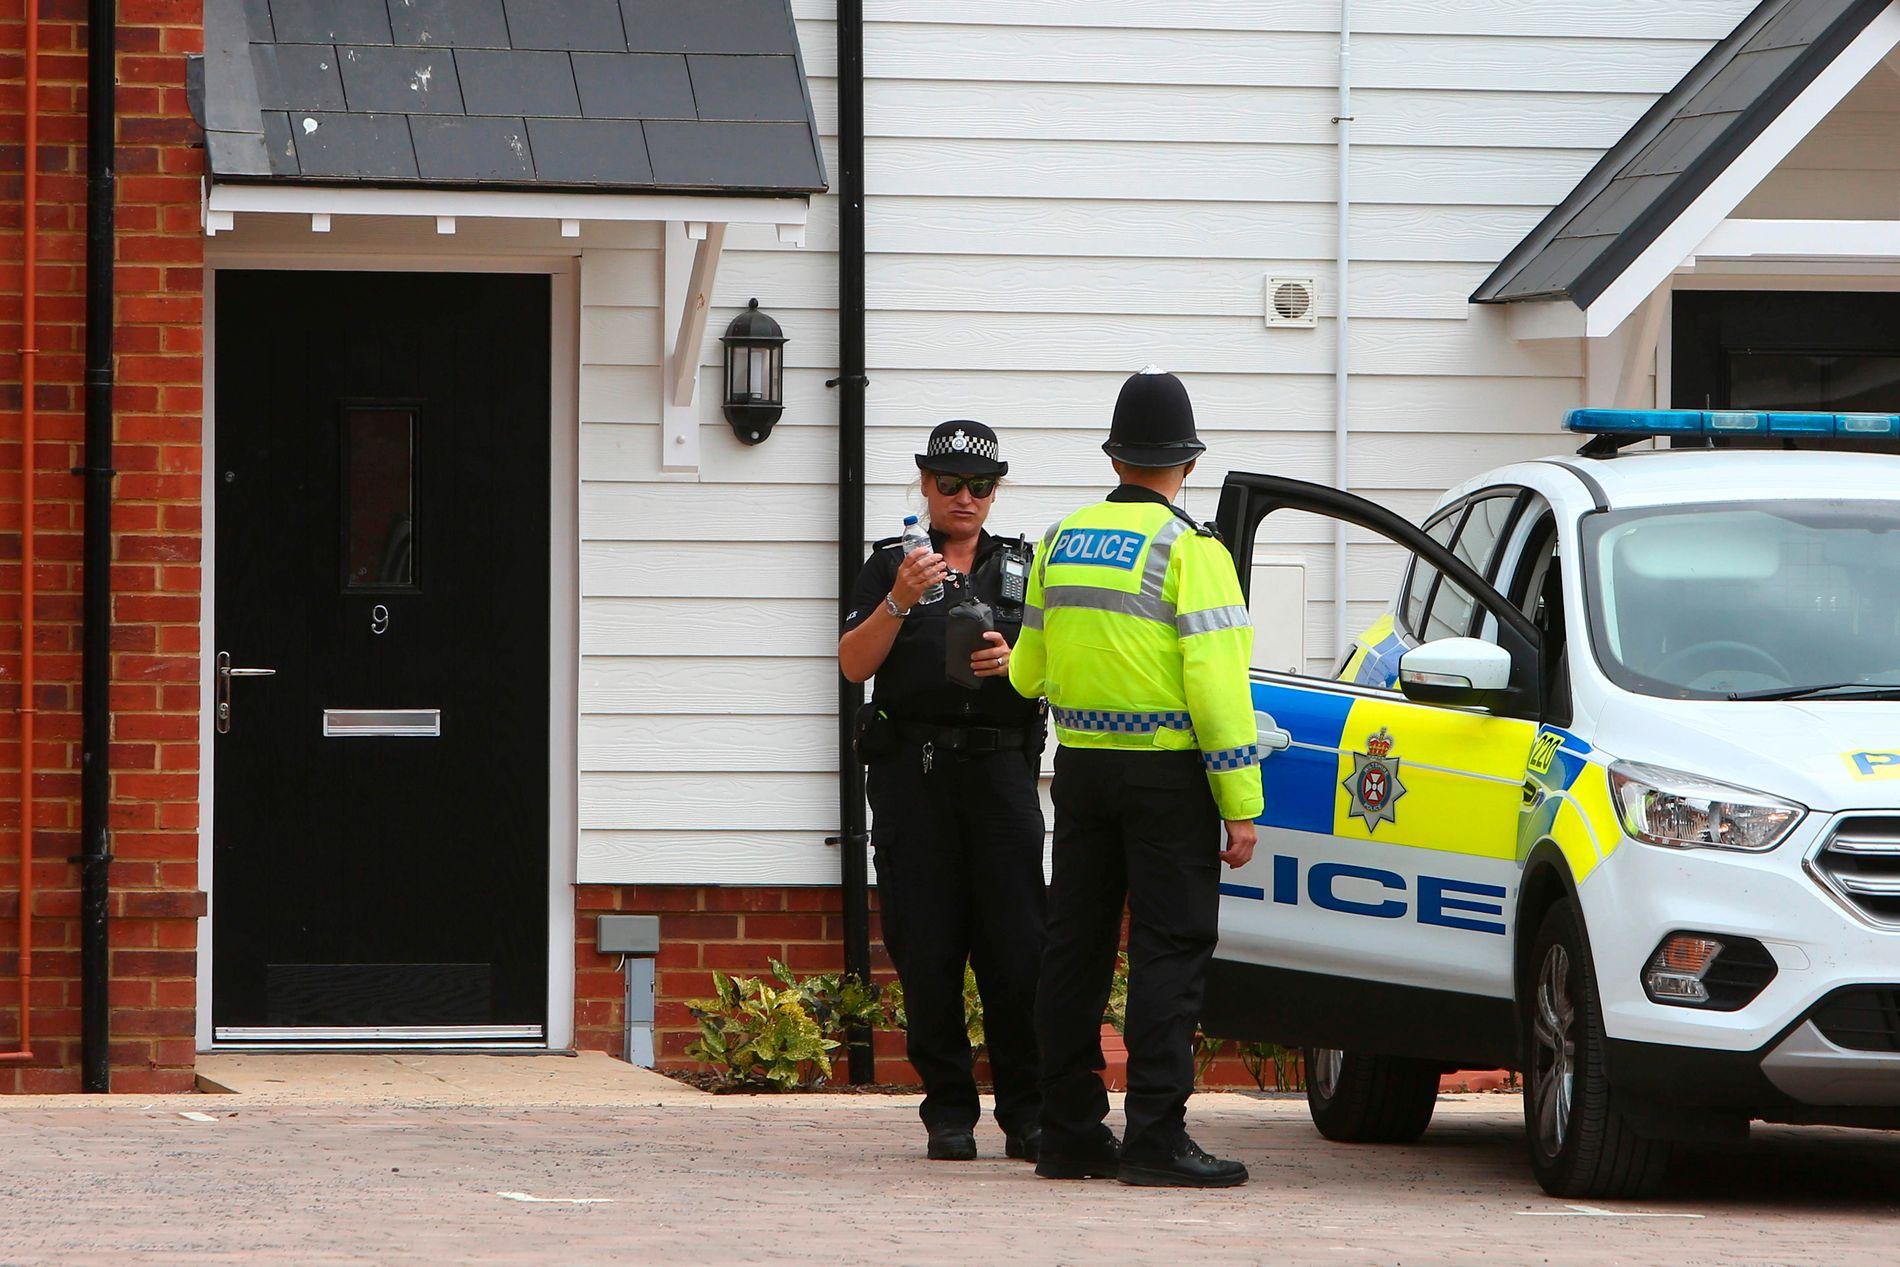 FANT GIFT: Politiet har funnet en flaske med nervegift i  Charlie Rowleys bolig i Amesbury. Bildet viser Rowleys bolig og ble tatt 4. juli.